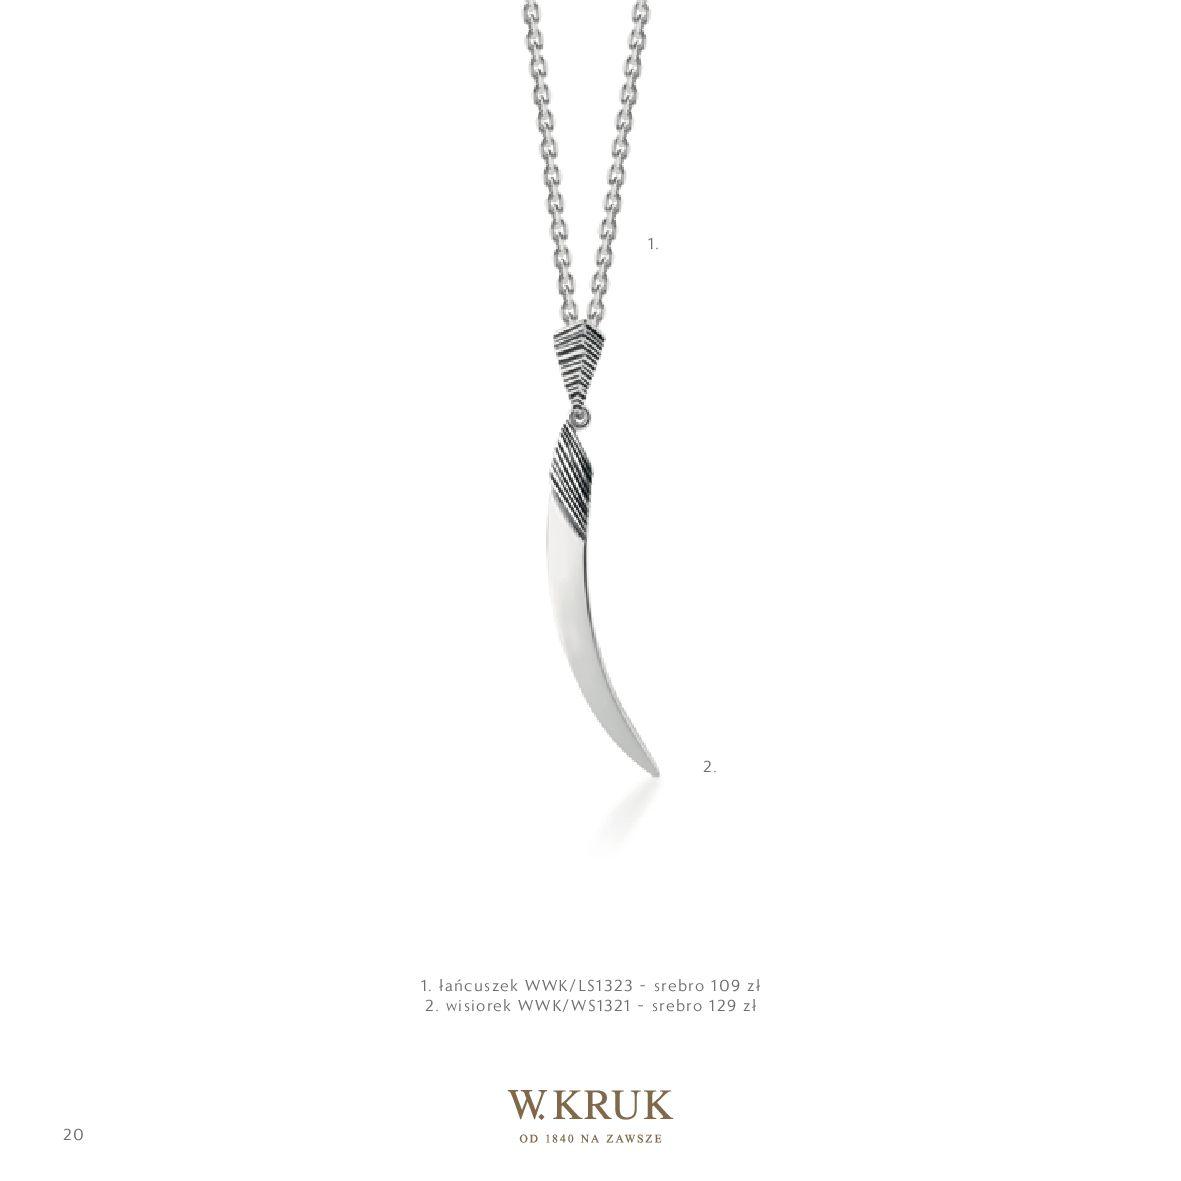 Gazetka W. KRUK: Katalog - Kolekcja Freedom 2021-02-17 page-22